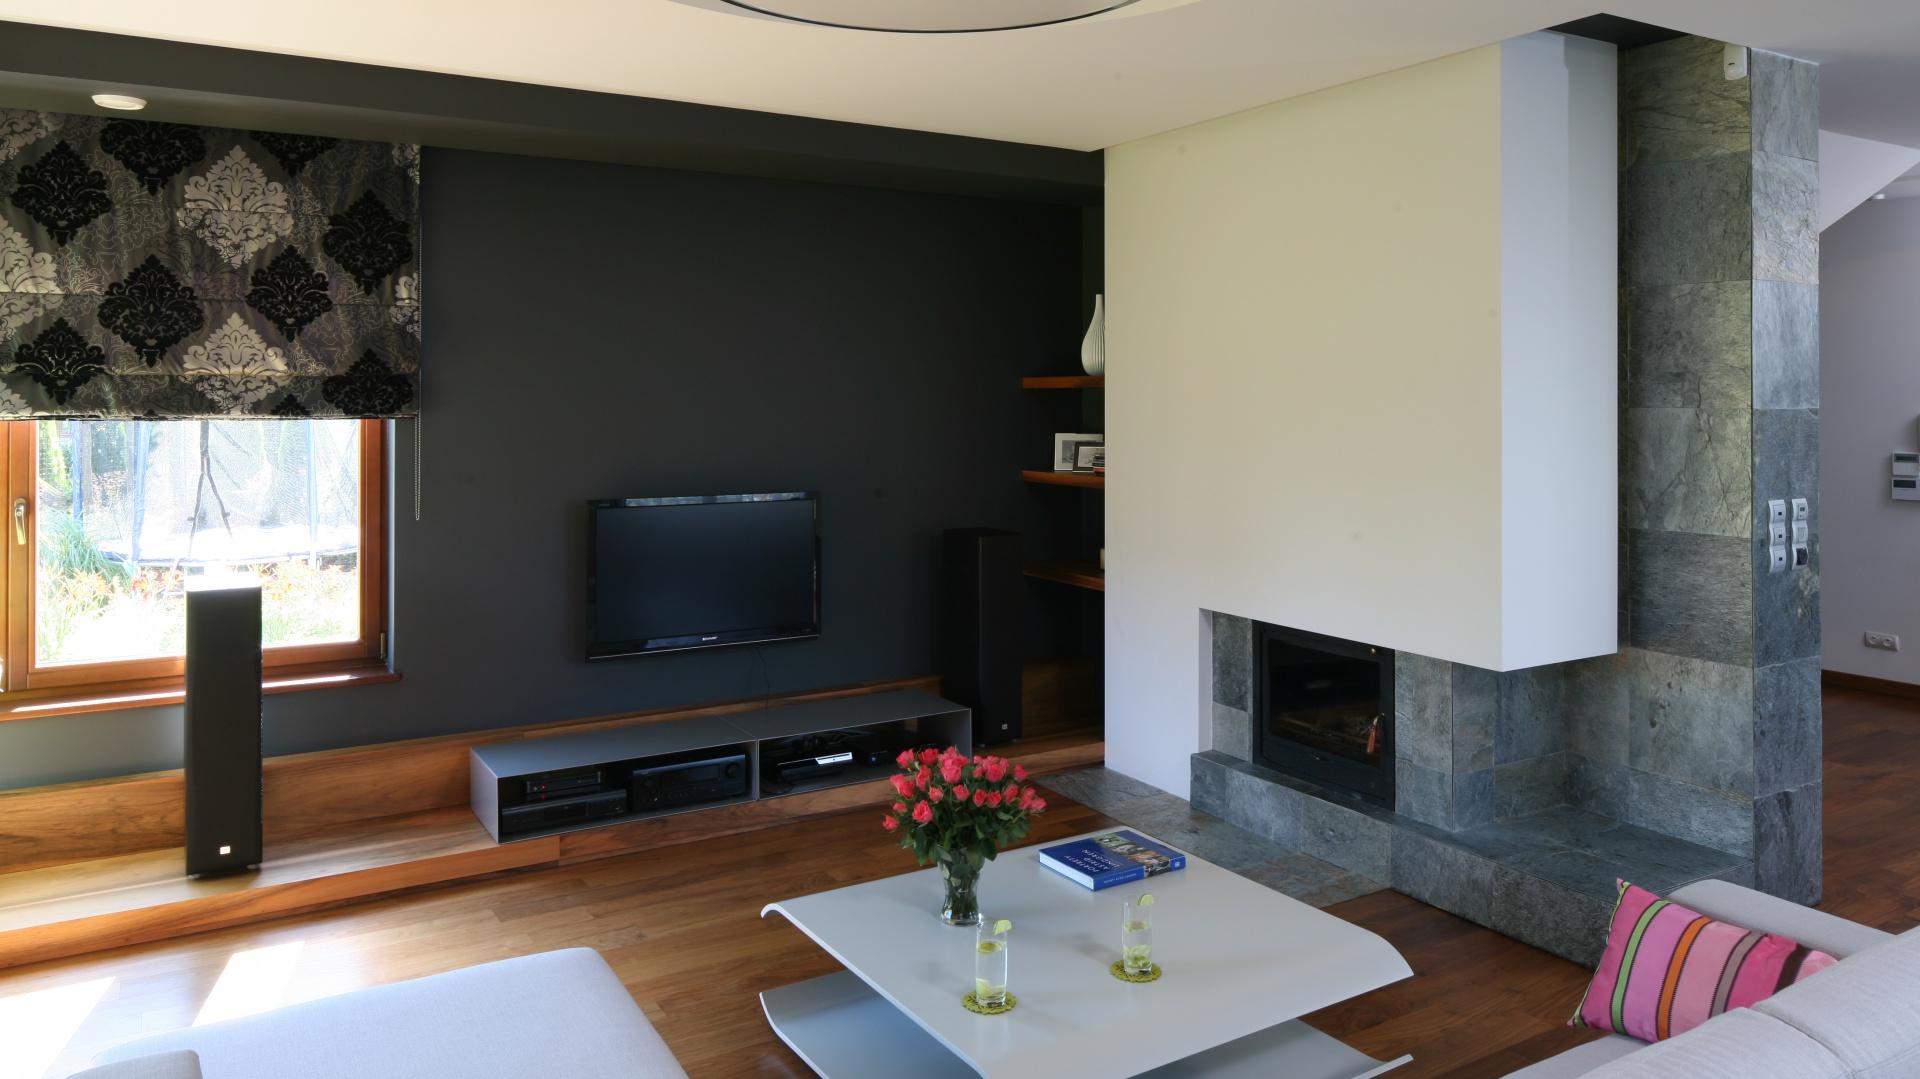 W przestronnym wnętrzu szary kolor ozdobił nie tylko ściany, ale też duży narożnik.Całość ociepla naturalne drewno. Projekt: Magdalena i Maciej Konopko. Fot. Bartosz Jarosz.